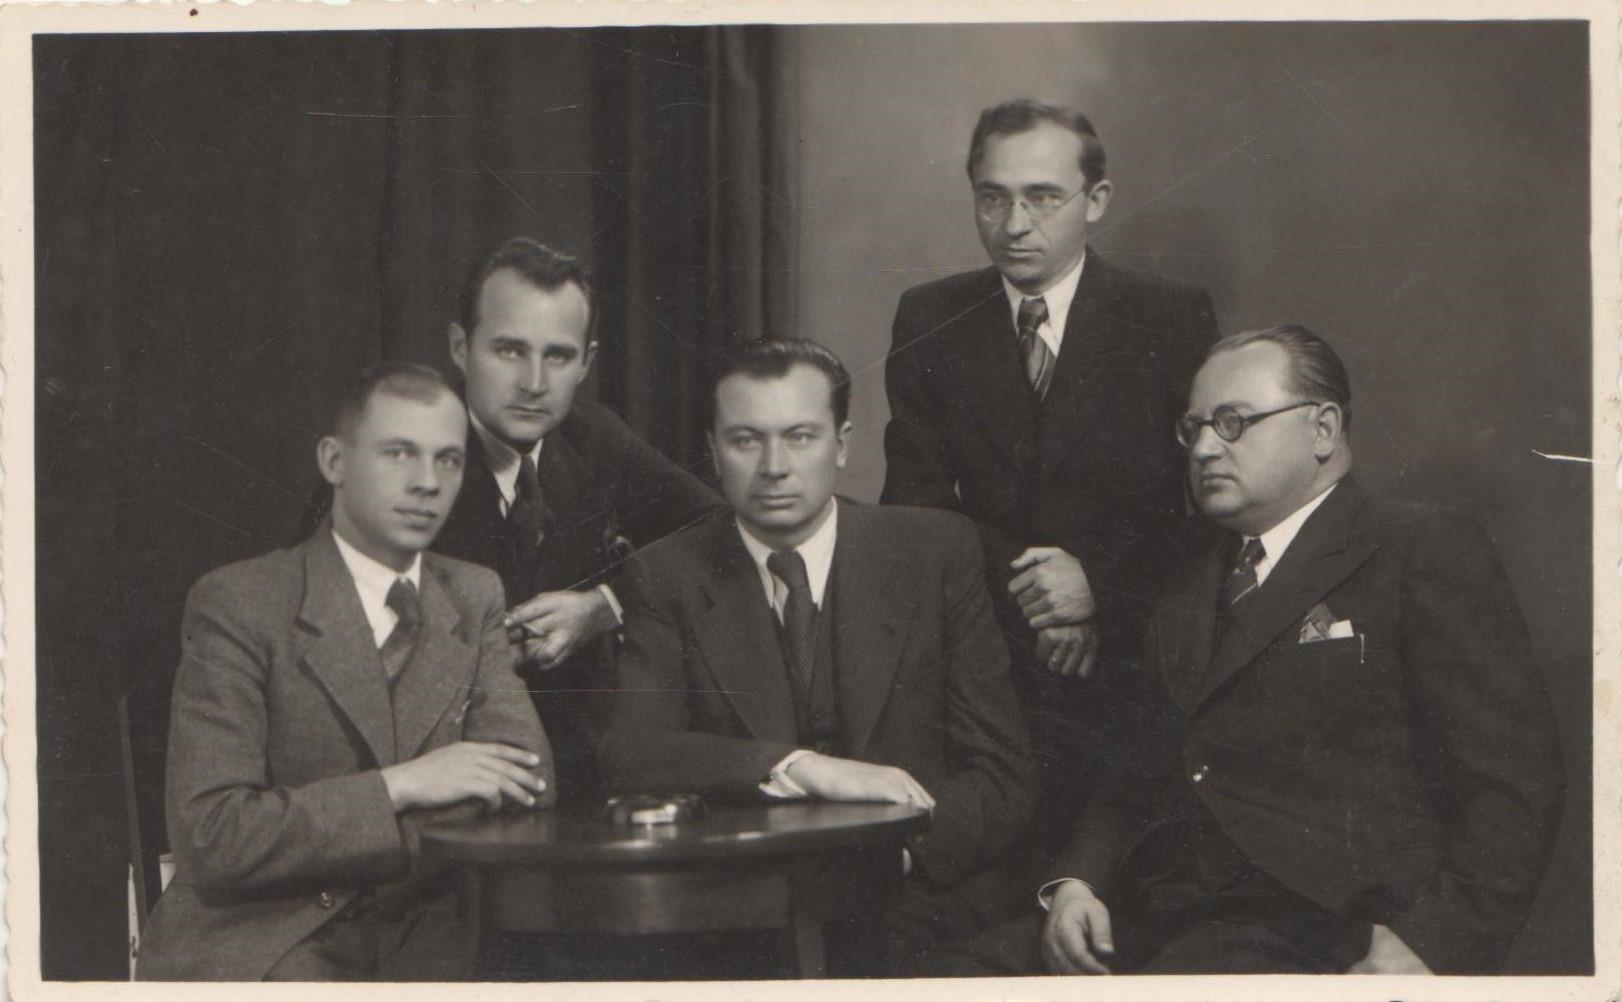 Lietuvių rašytojų draugijos valdyba 1938 m. lapkričio 2 d. Kaune. Iš kairės sėdi: J. Ambrazevičius-Brazaitis, J. Grušas, V. Bičiūnas, II eilėje J. Graičiūnas, B. Brazdžionis